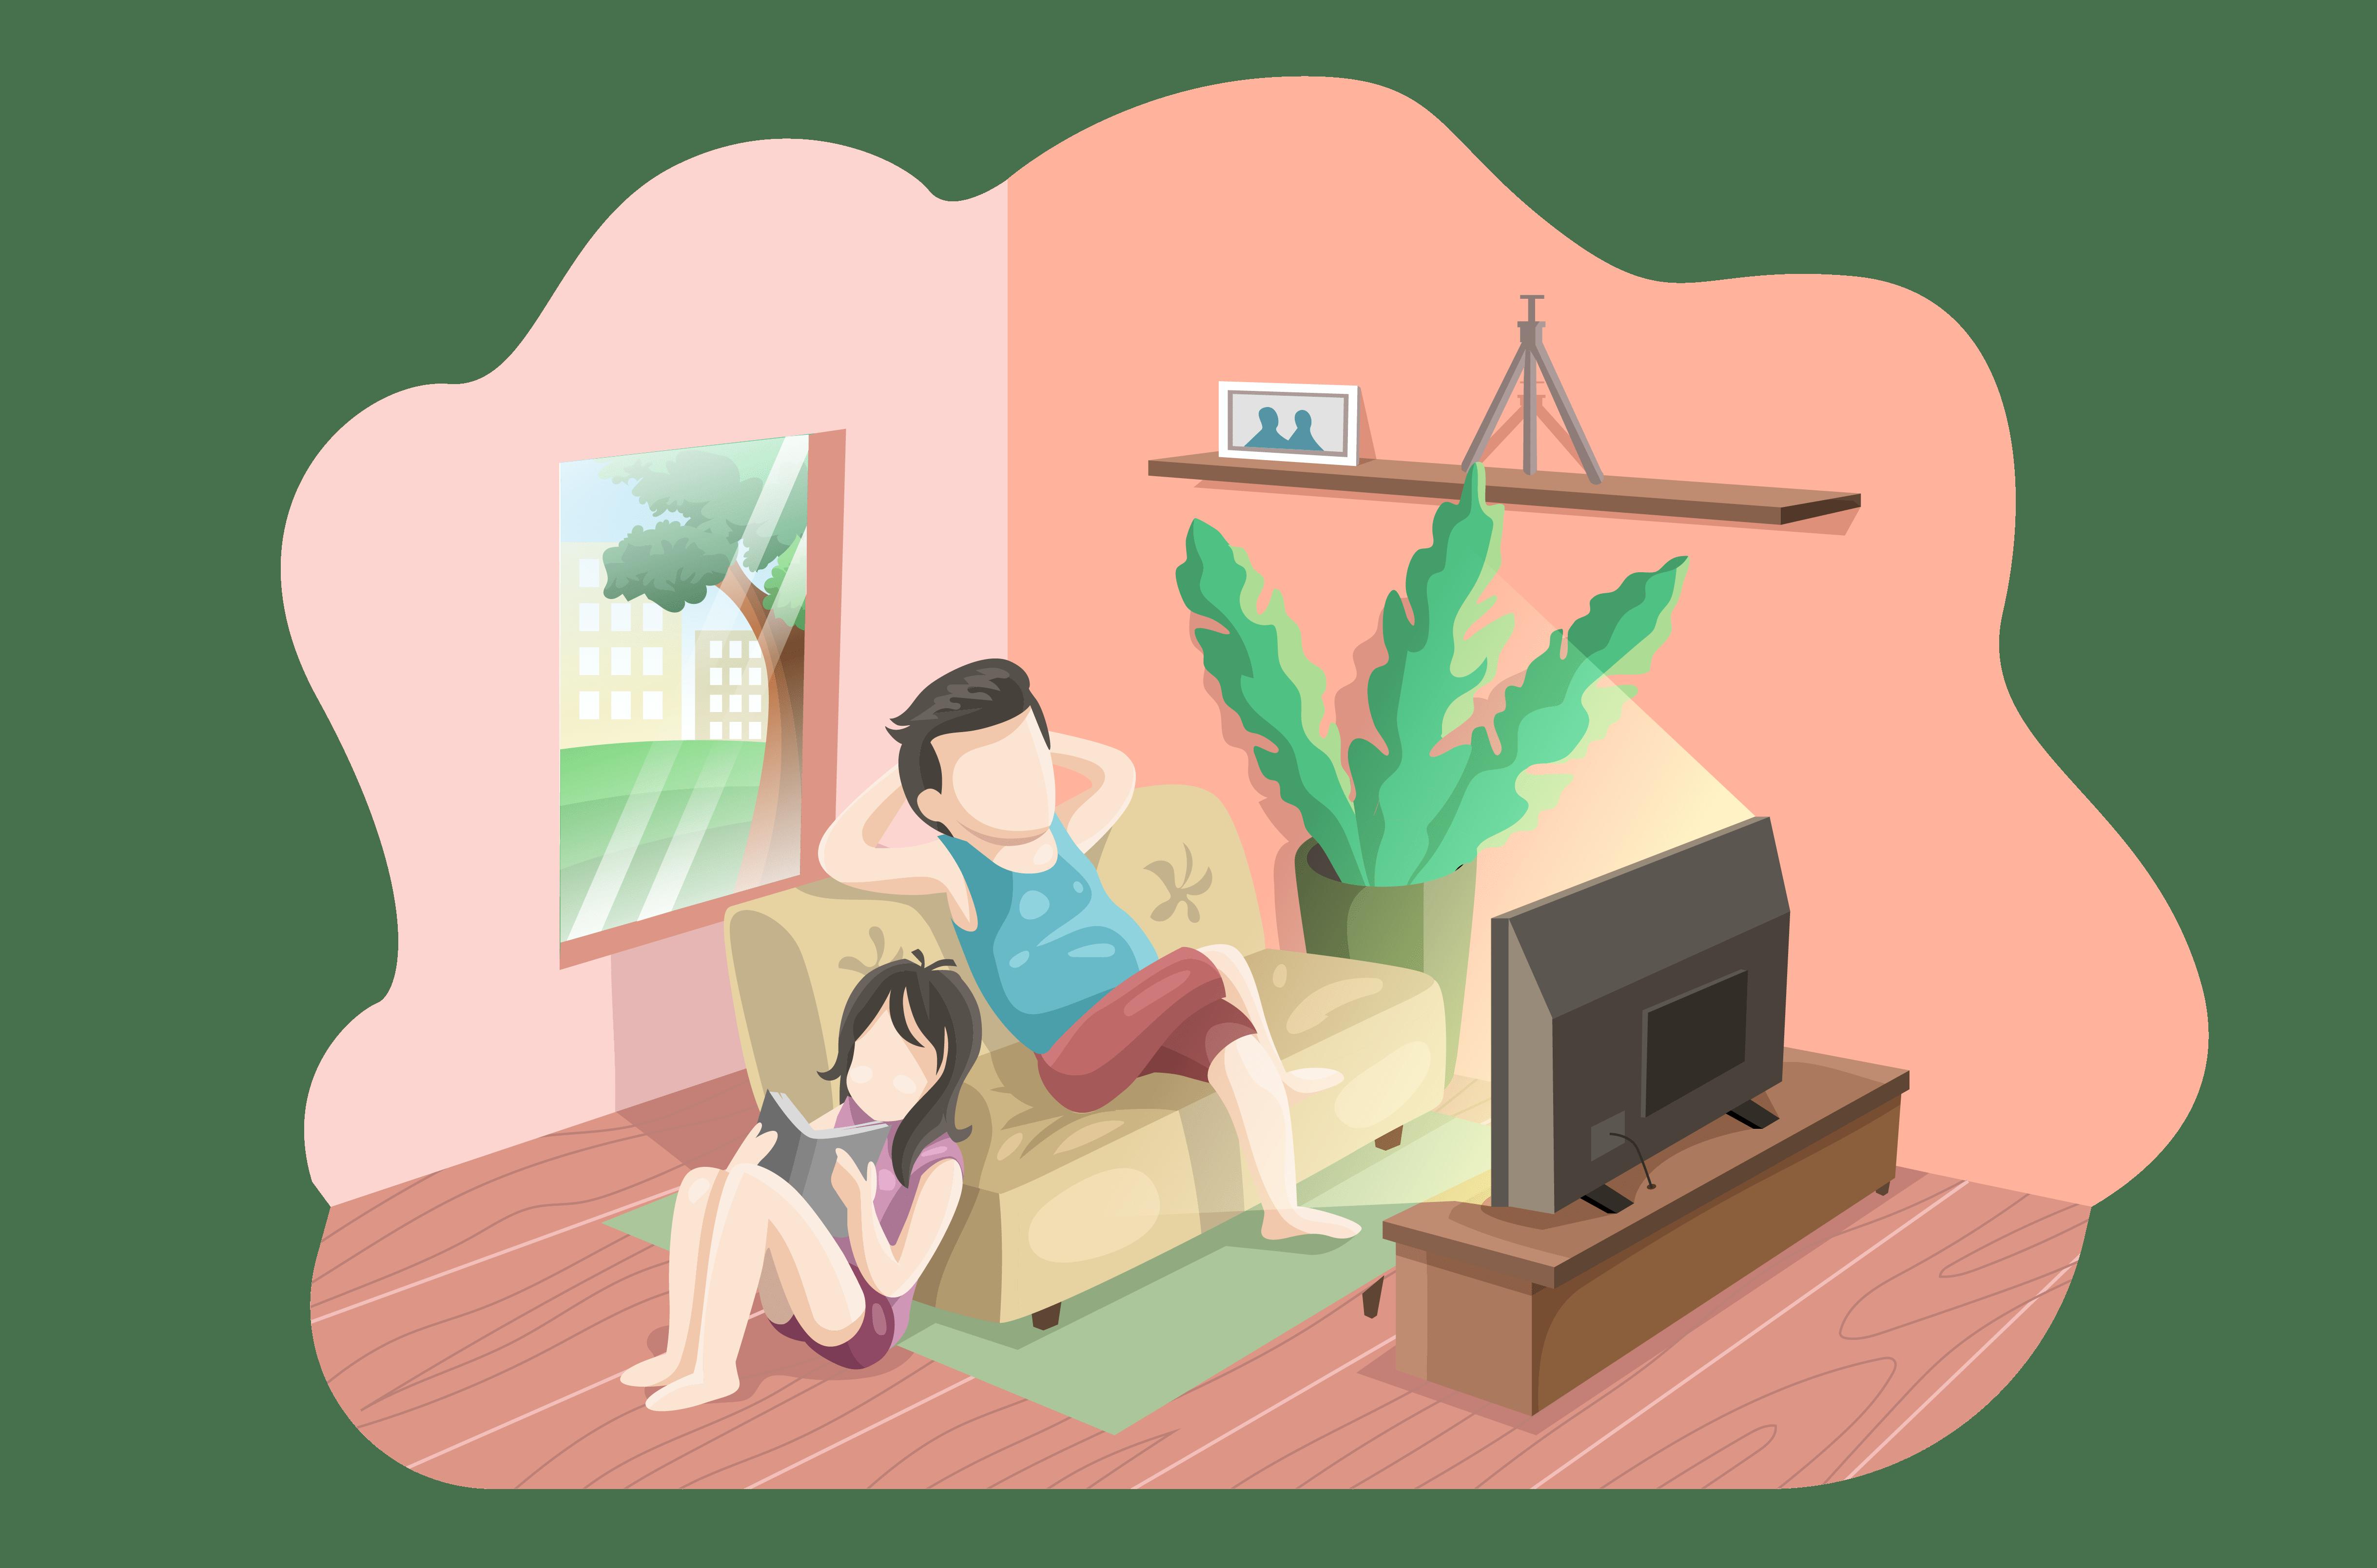 Sonho da casa própria: sou autônomo, posso realizar?